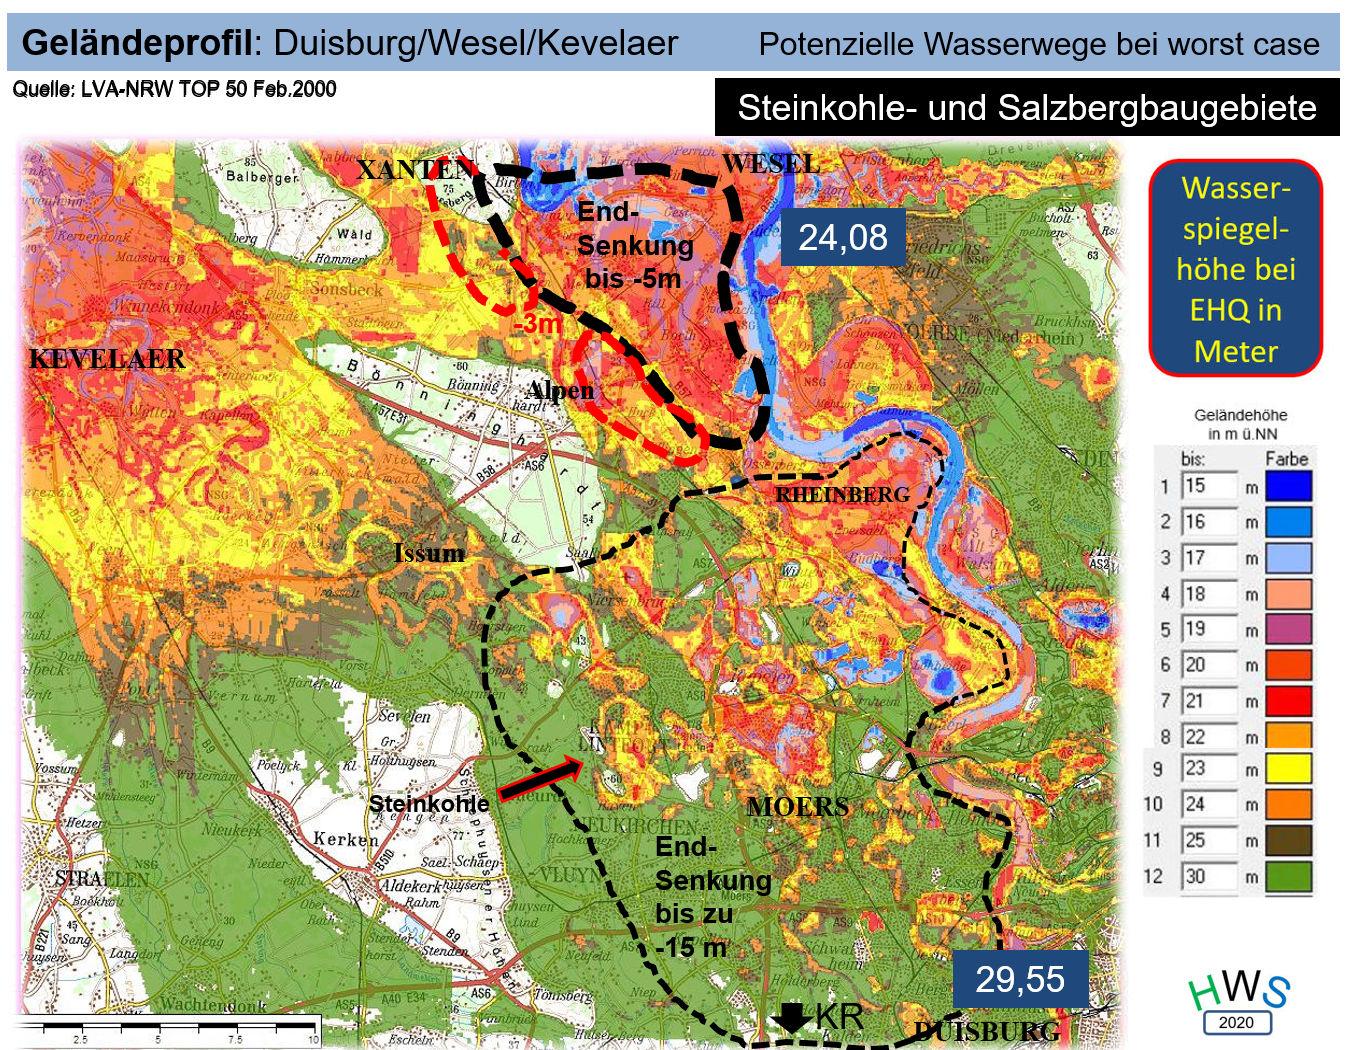 Topographische Karte Zustand 2000 (Geheimhaltung) Bergbaugebiete